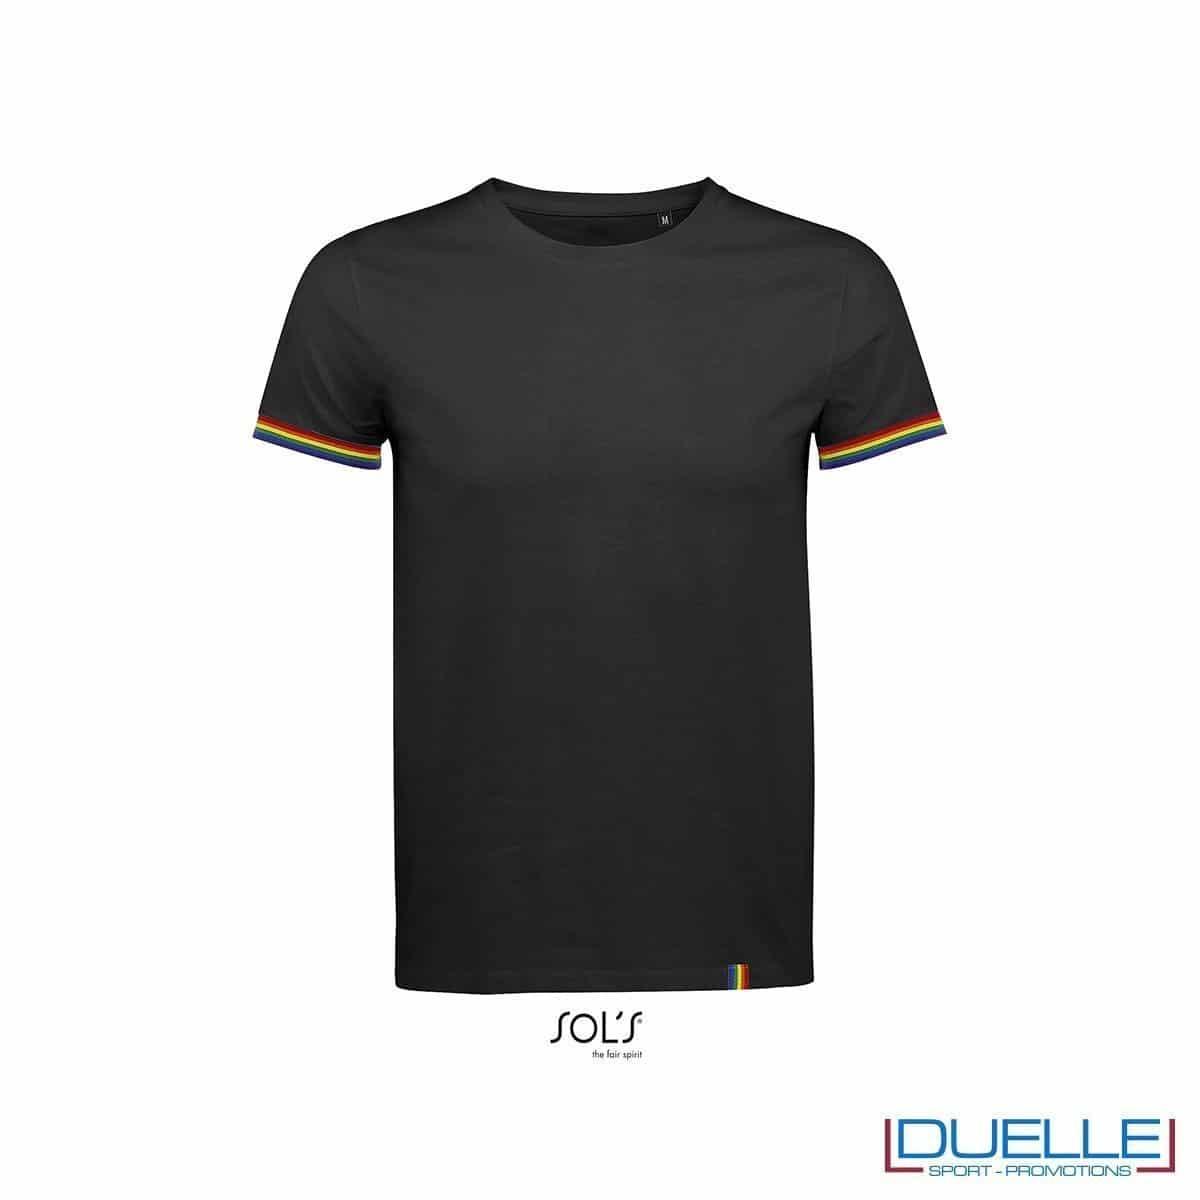 T-shirt girocollo cotone tricolore personalizzata colore nero